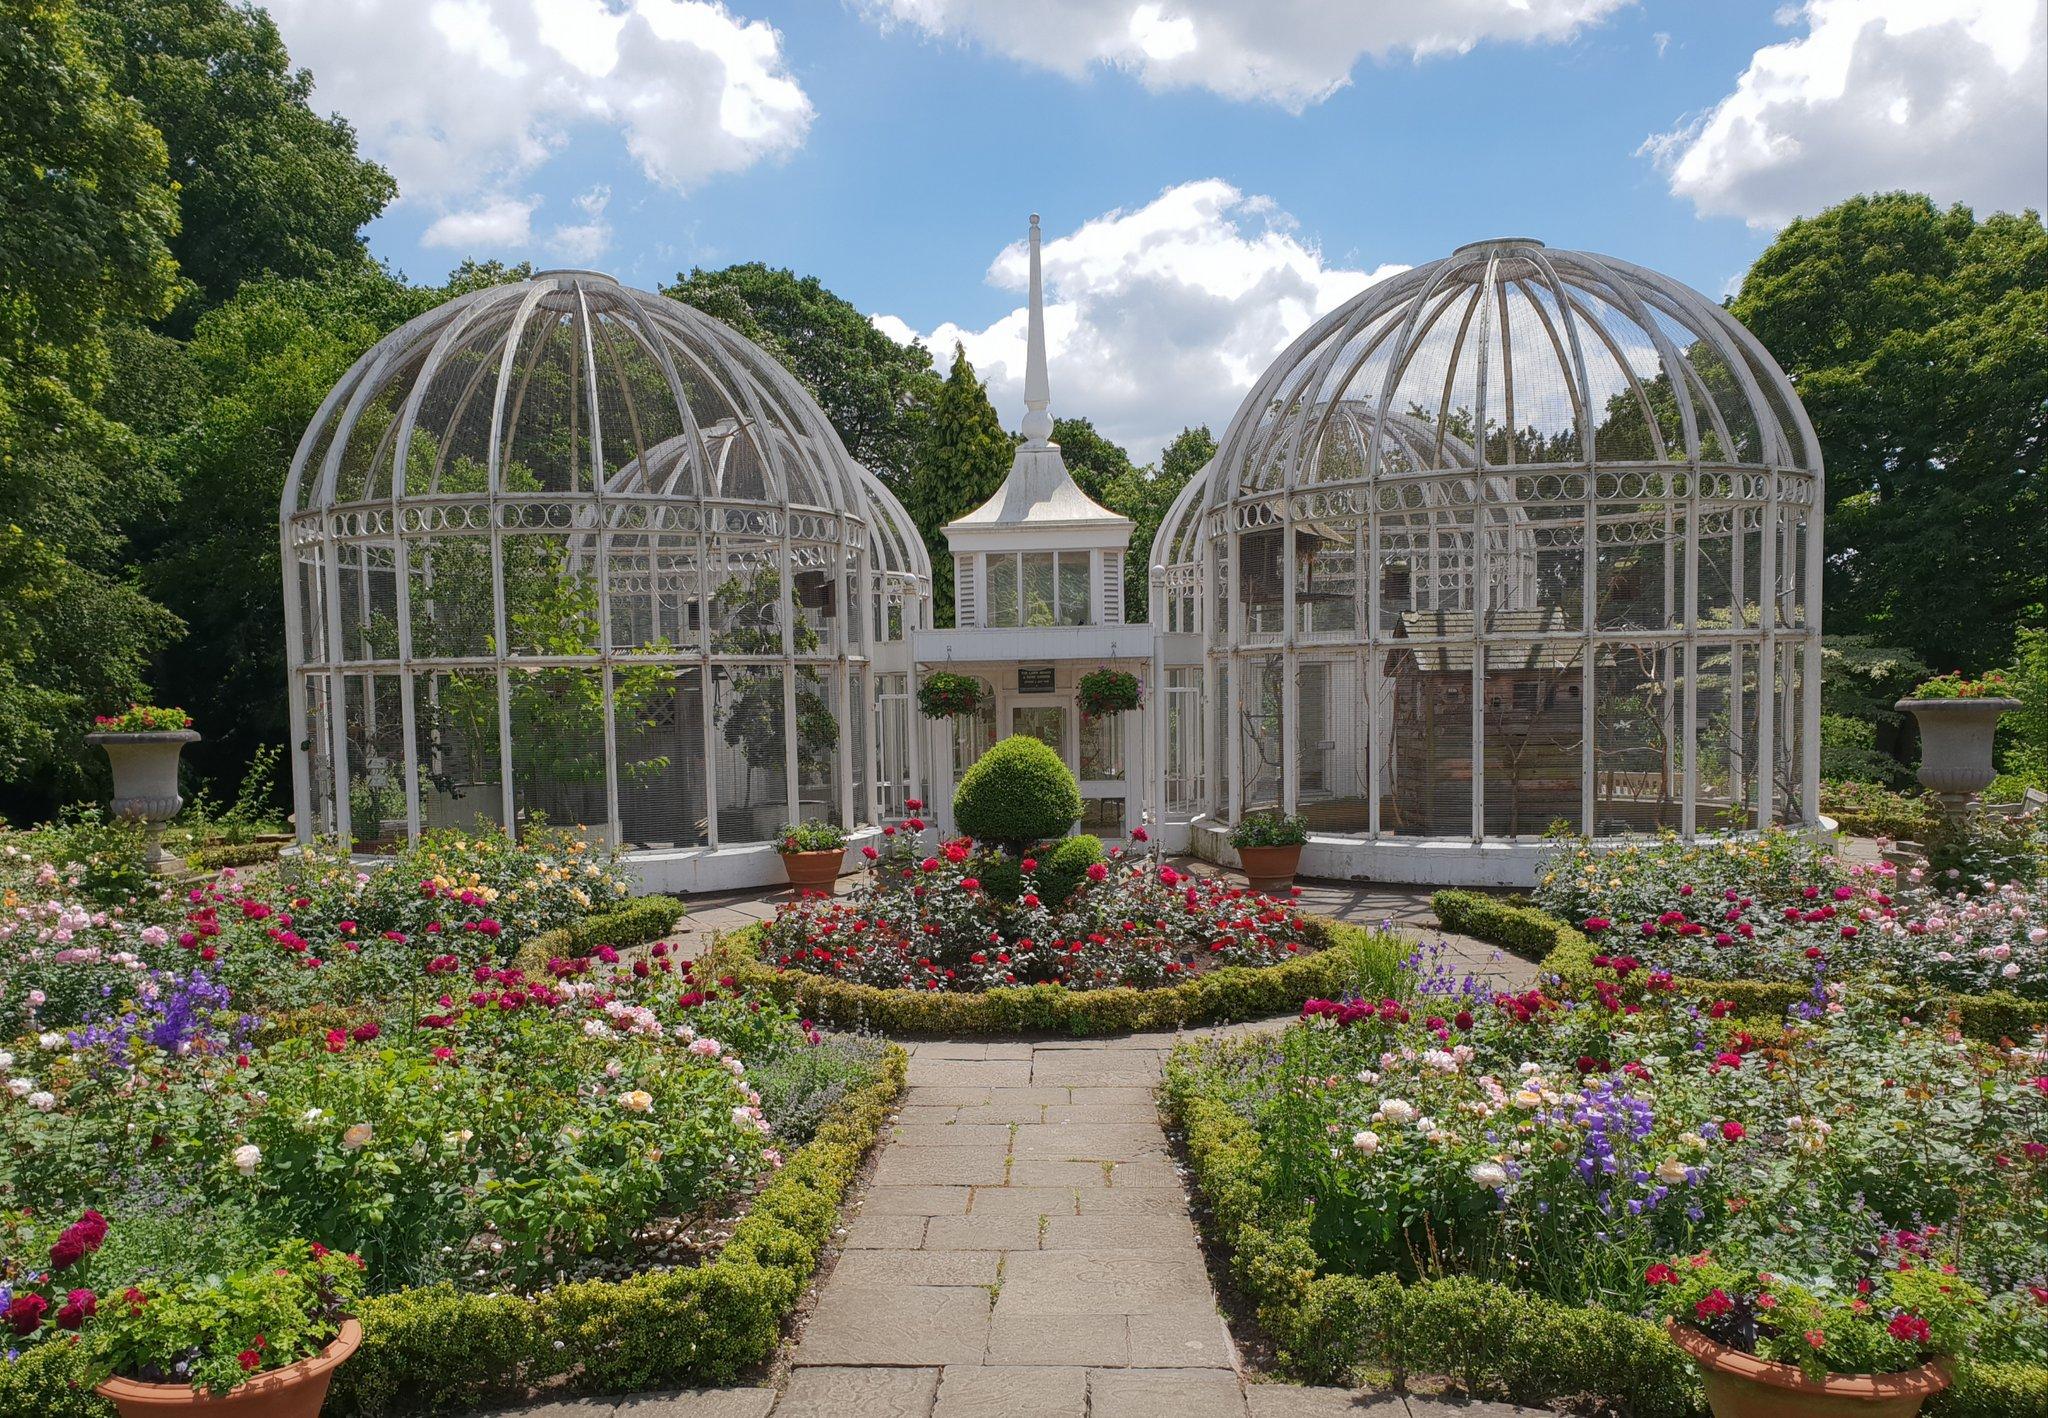 AGM Report - Birmingham Botanical Gardens